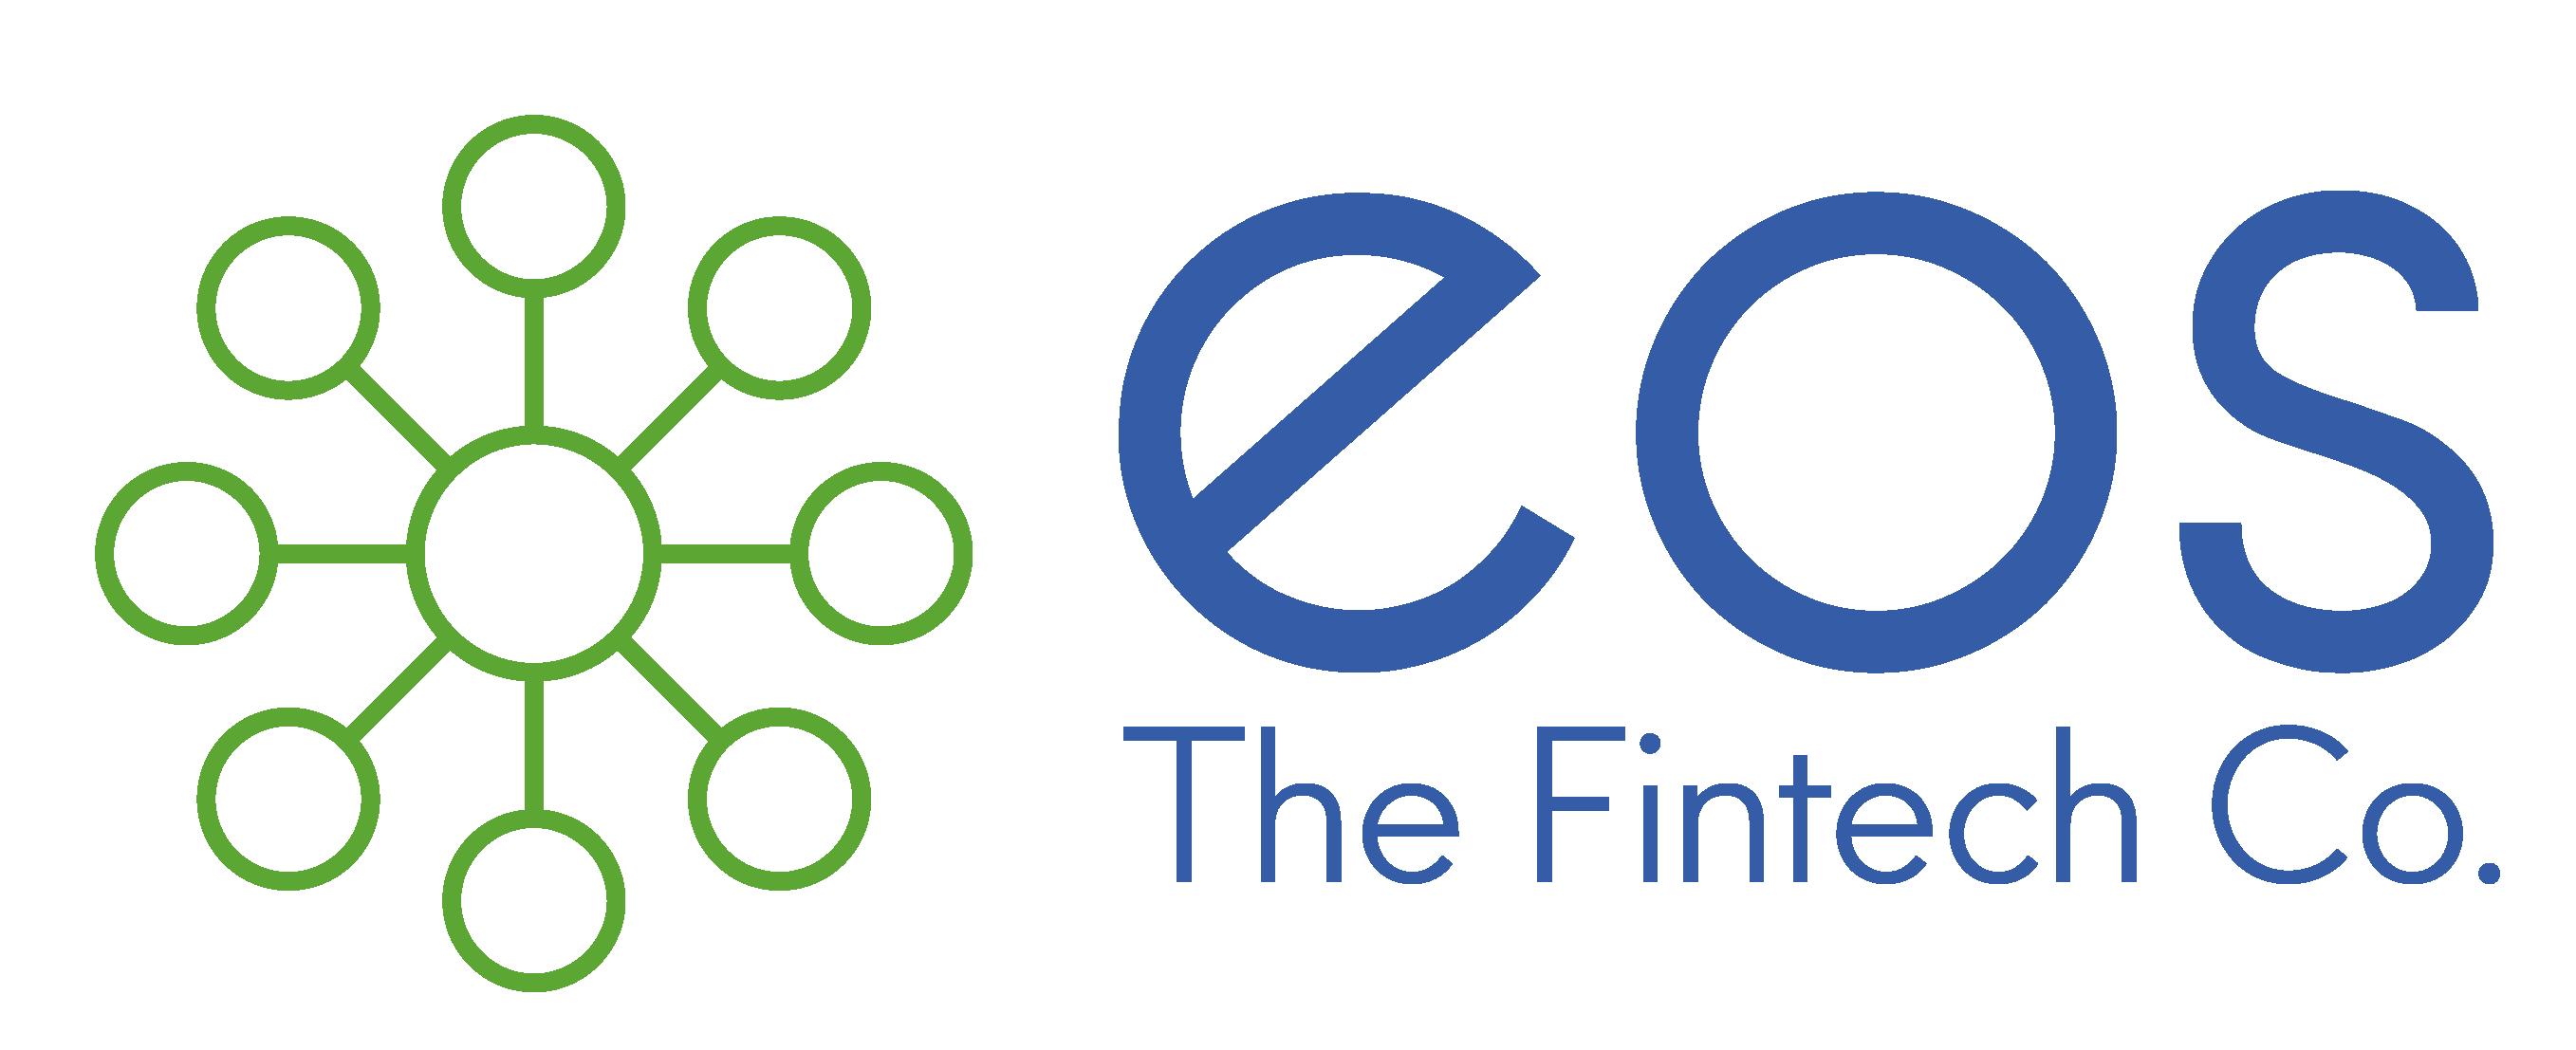 eos-software-logo